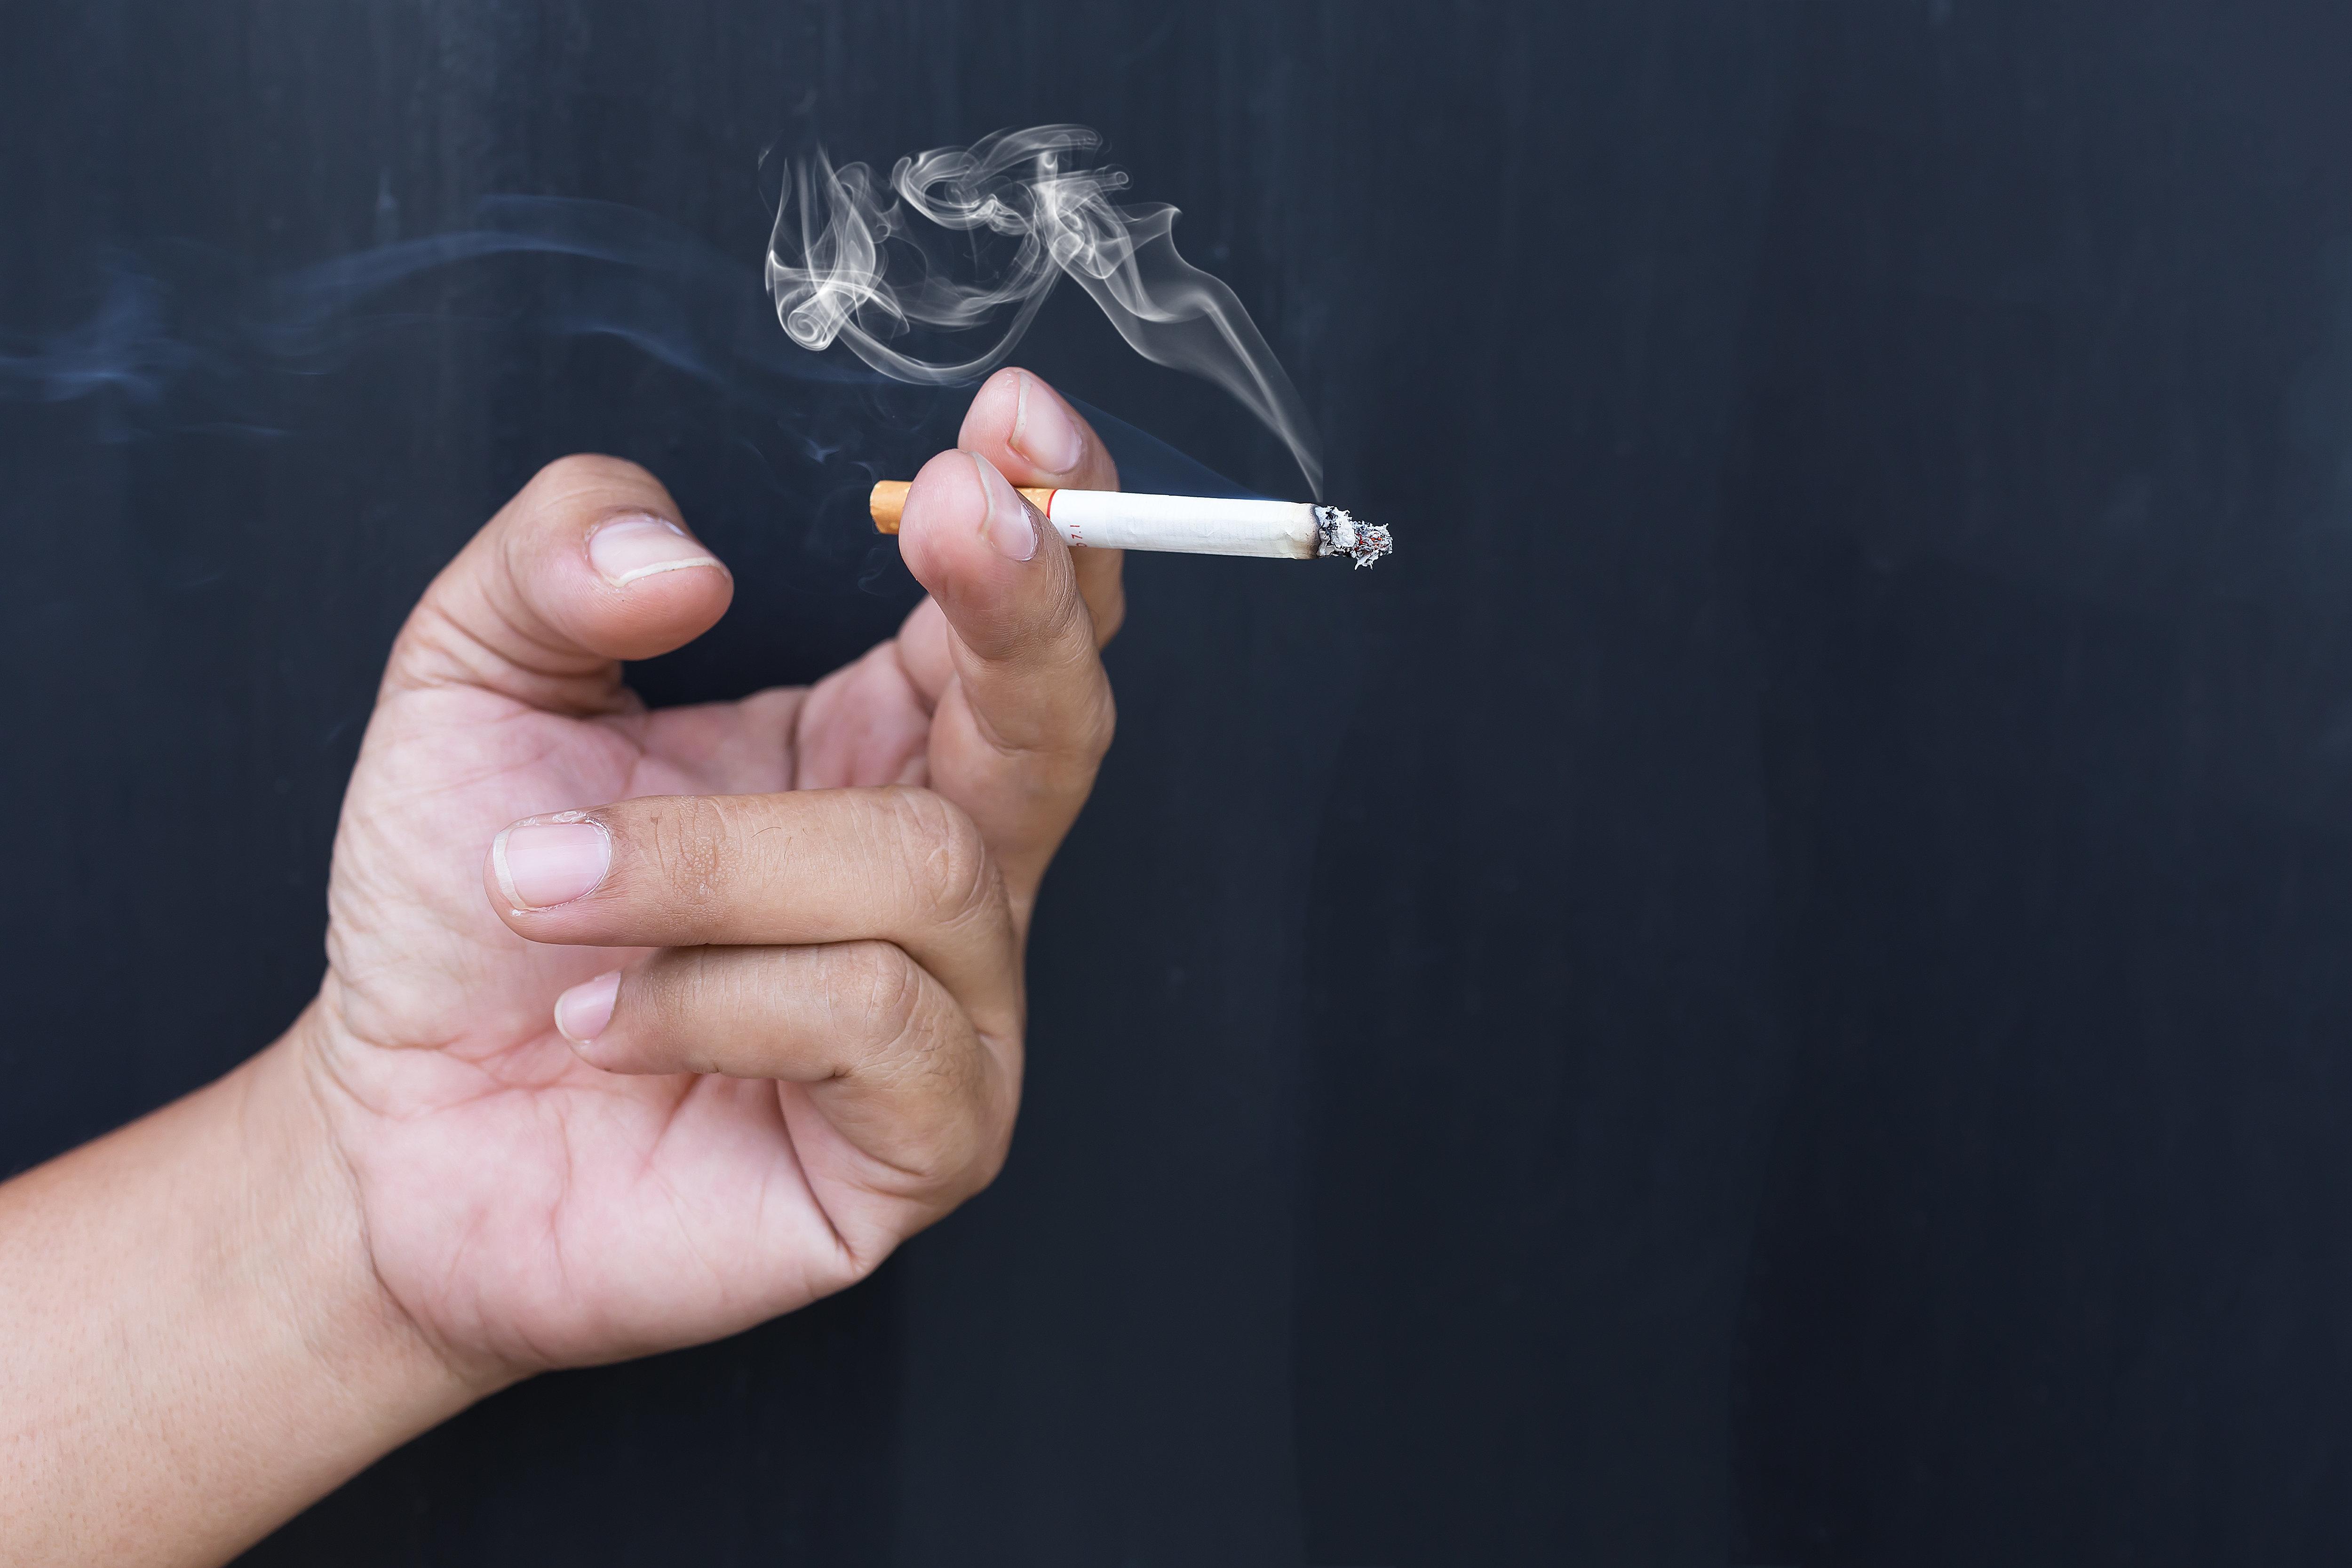 이제 어린이집, 유치원 건물 근처에서 흡연하면 안